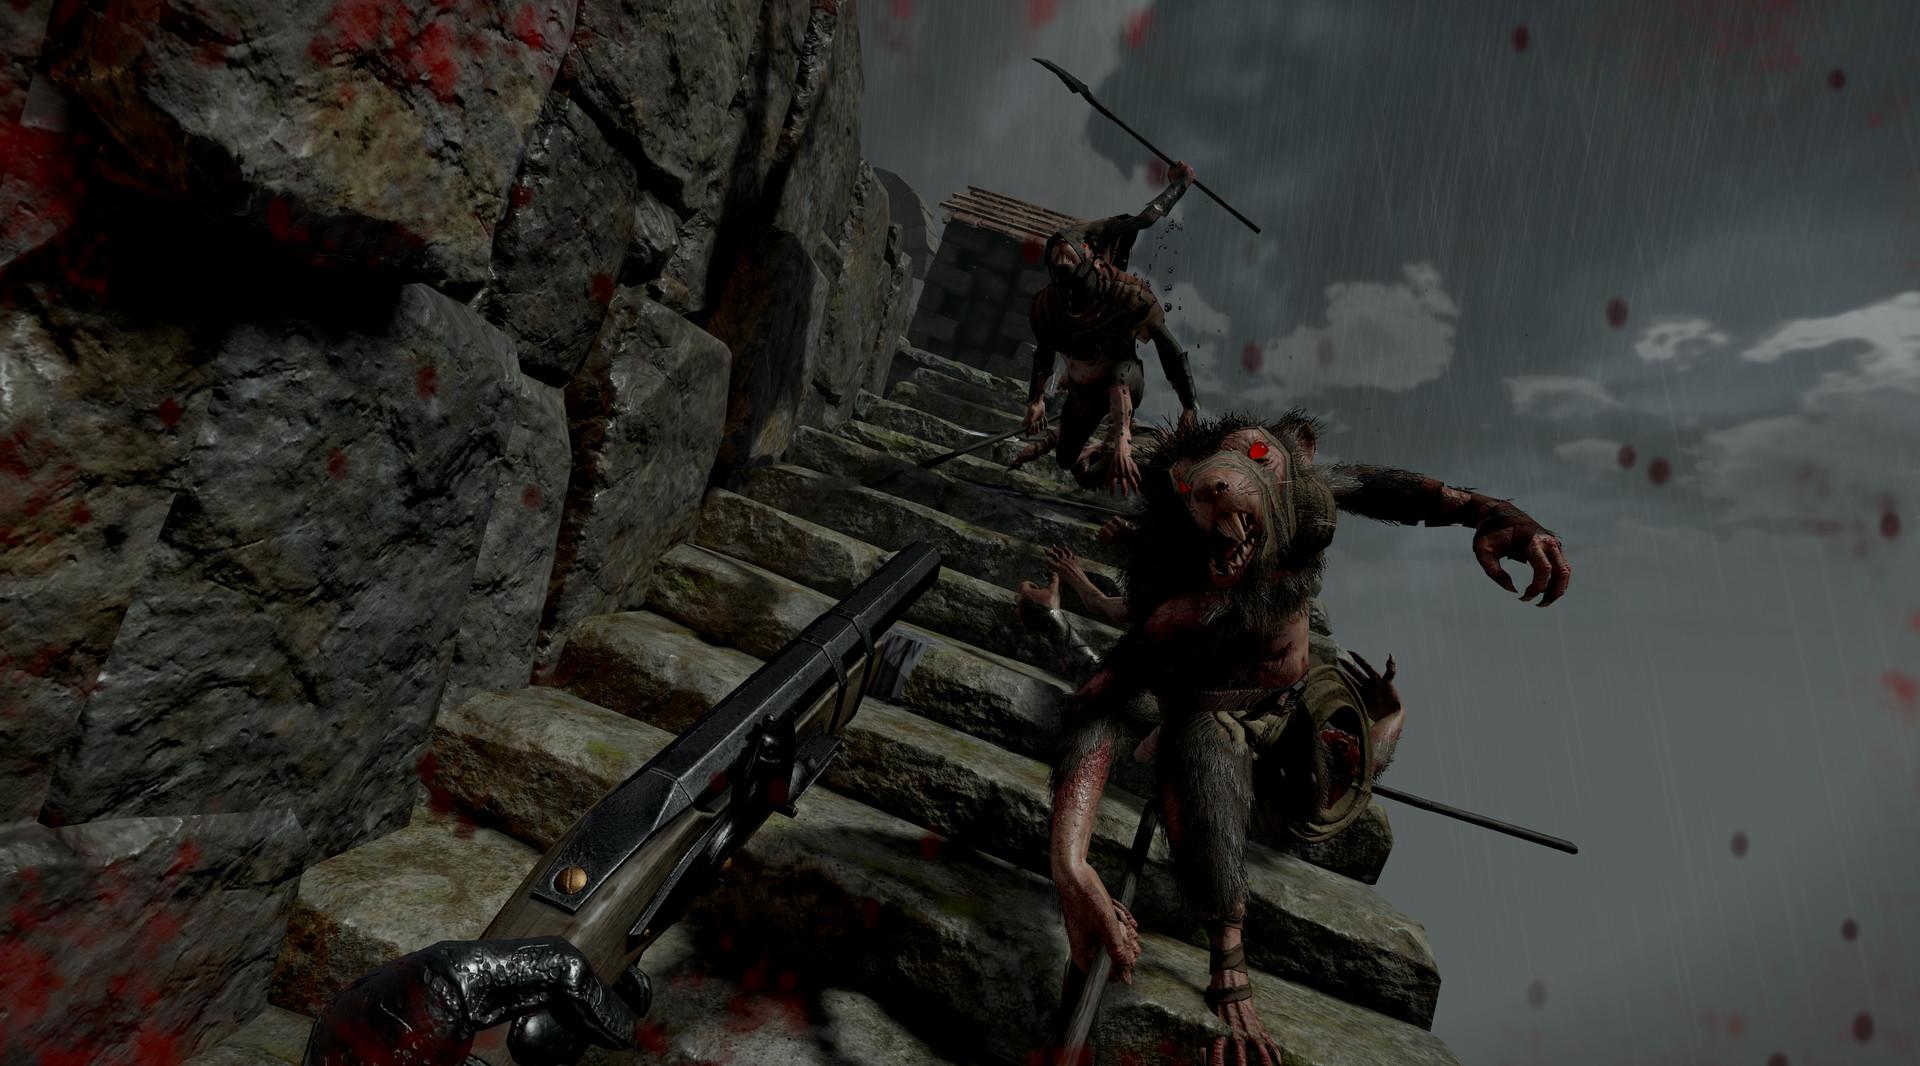 Warhammer End Times - Vermintide - Mit Pistolenfeuer gegen die dunkle Brut